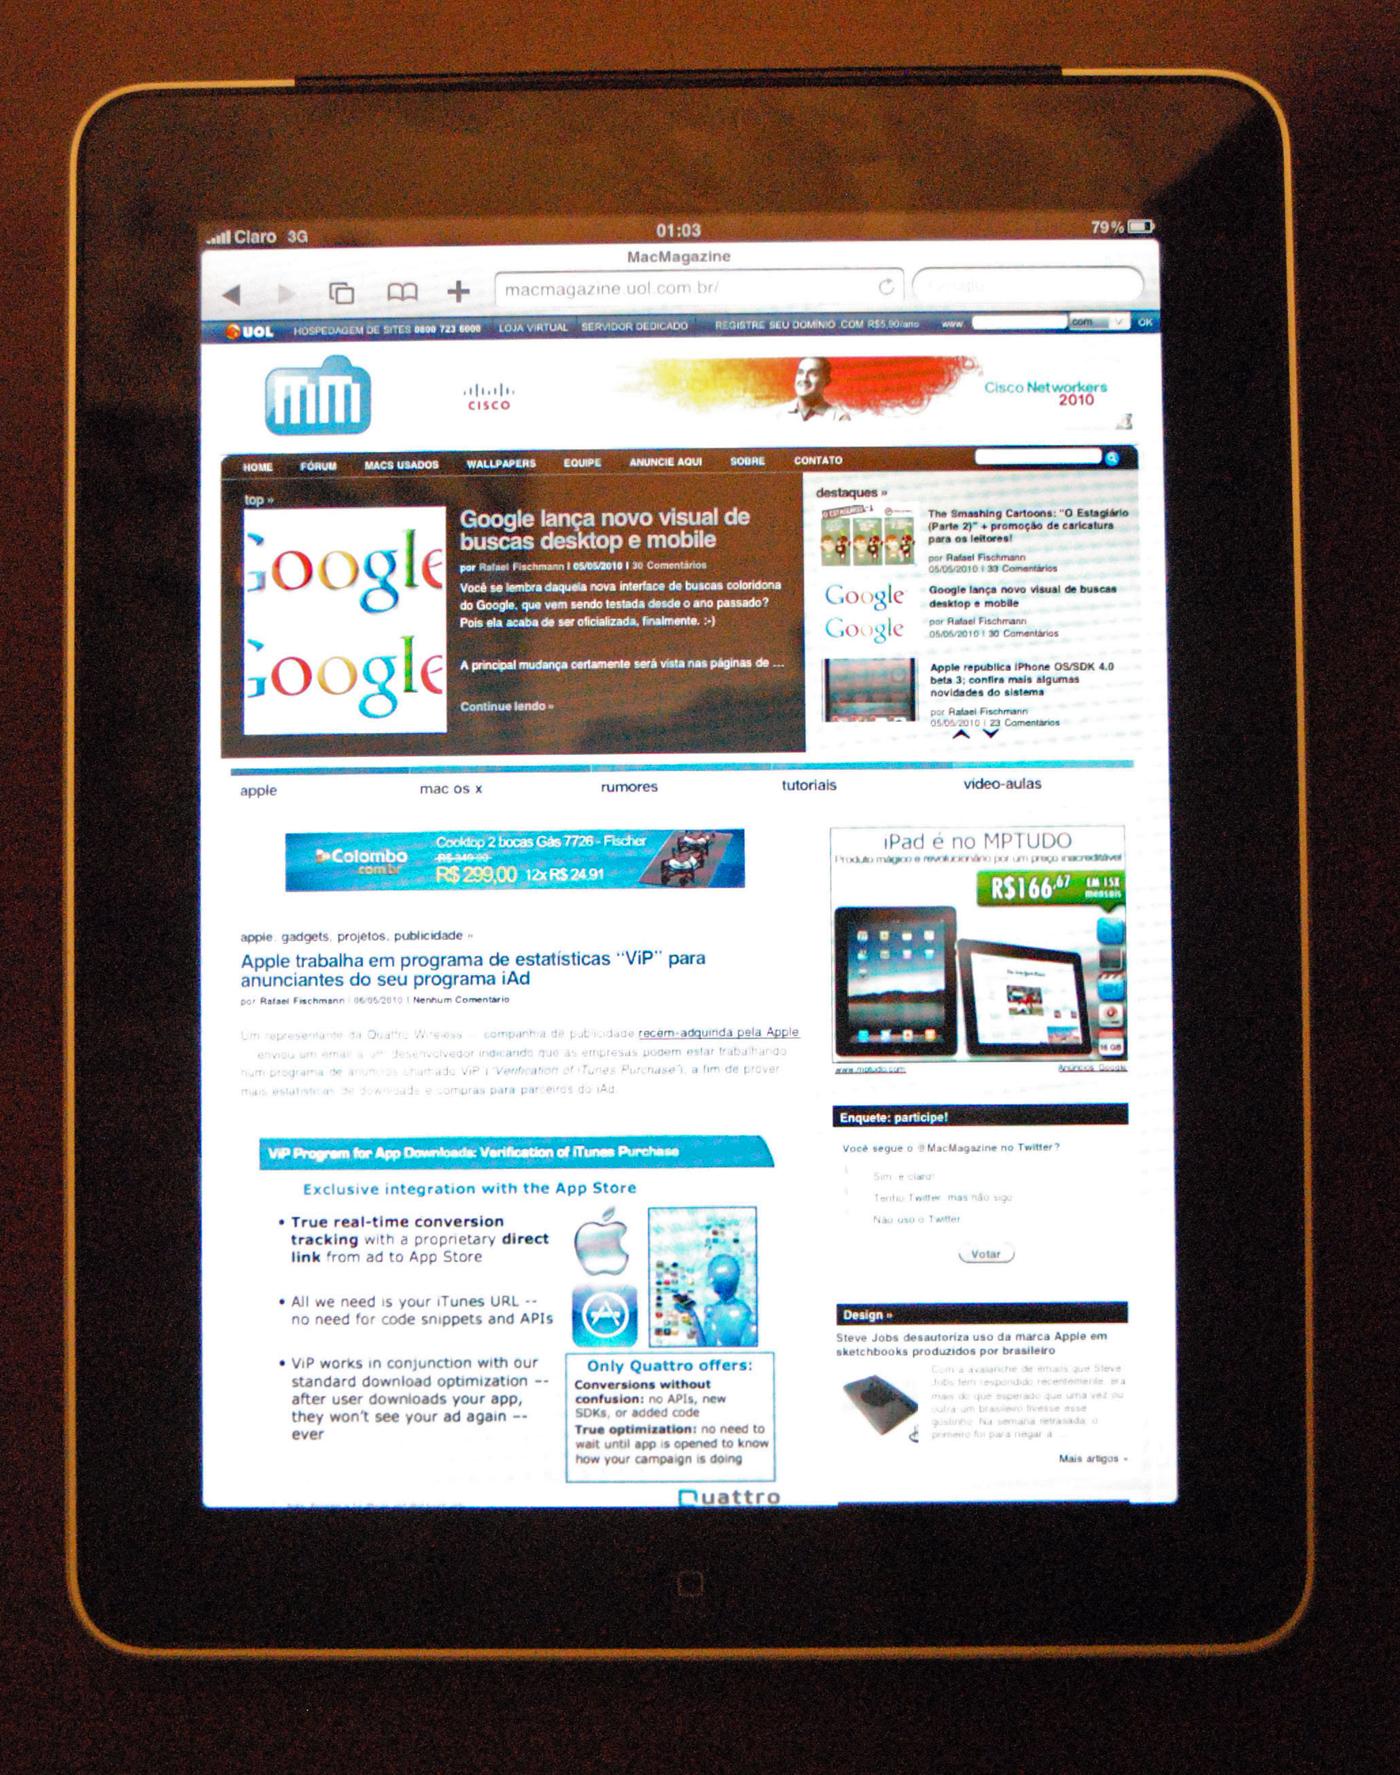 iPad 3G rodando na rede da Claro